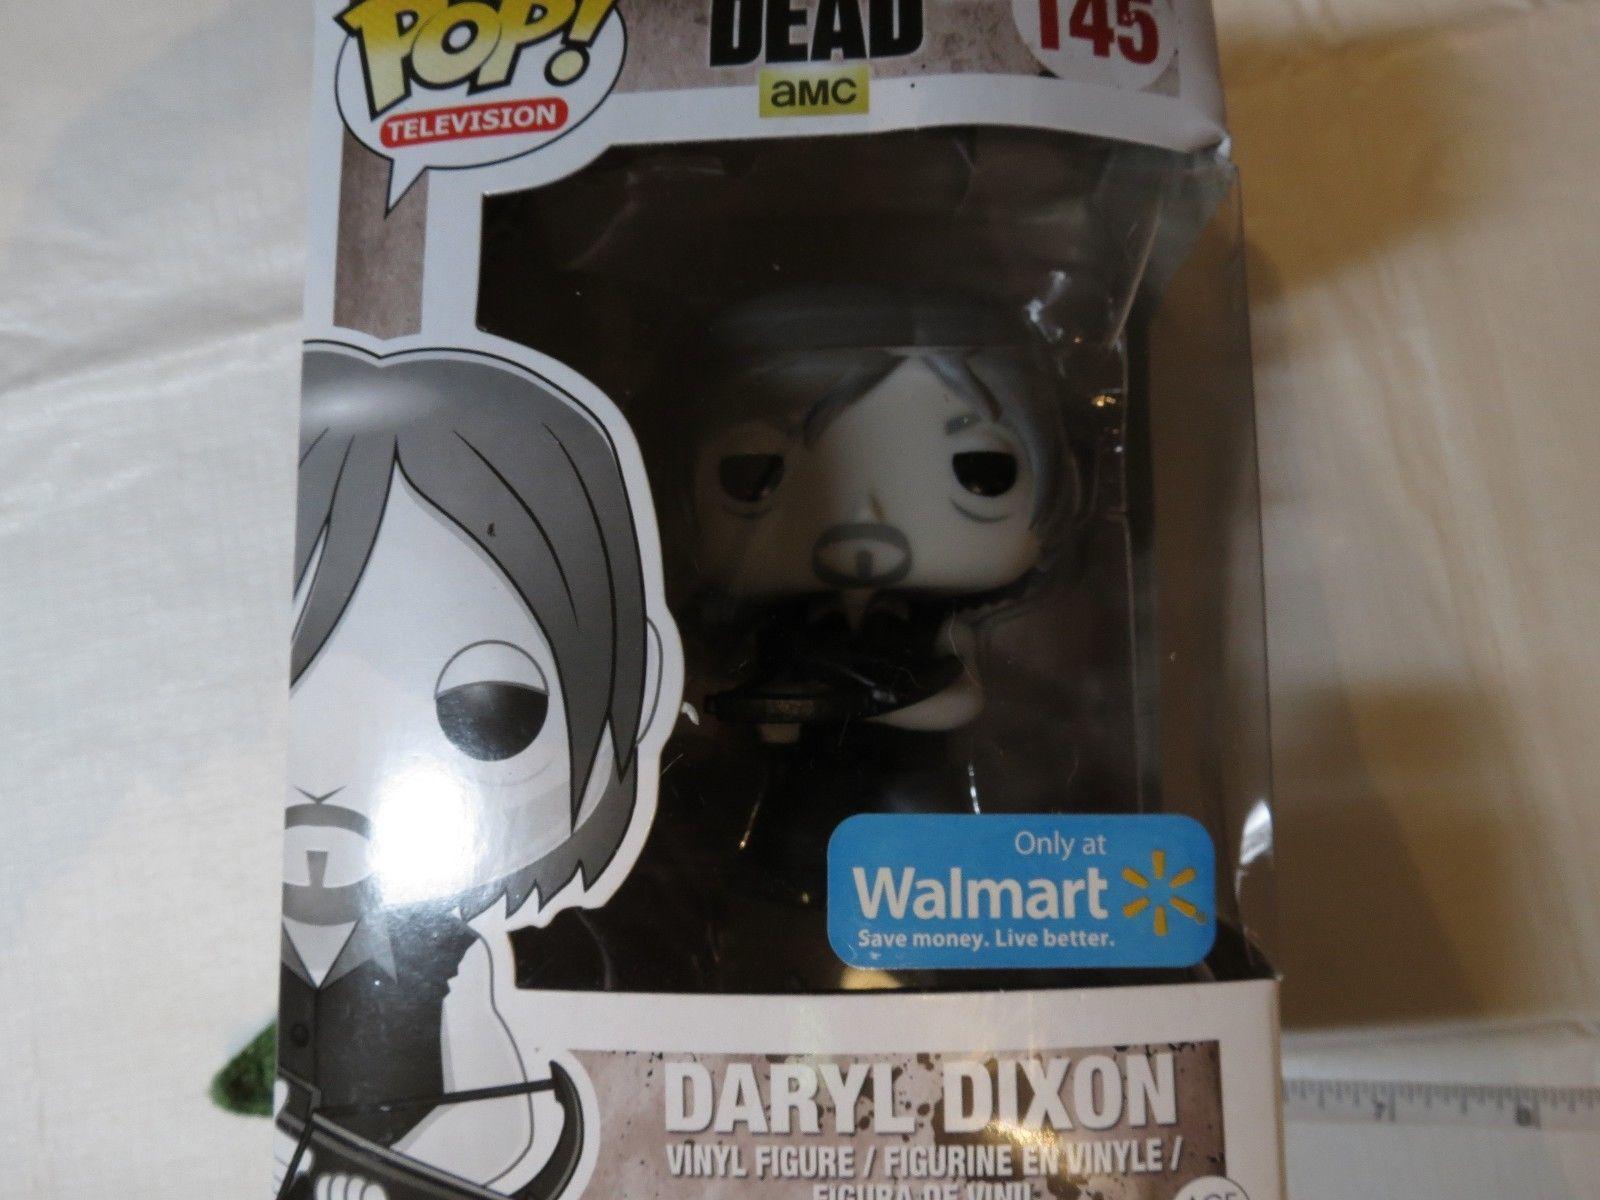 0305b60f3e0 AMC The Walking Dead Daryl Dixon Funko 145 Walmart Pop! Television black  white